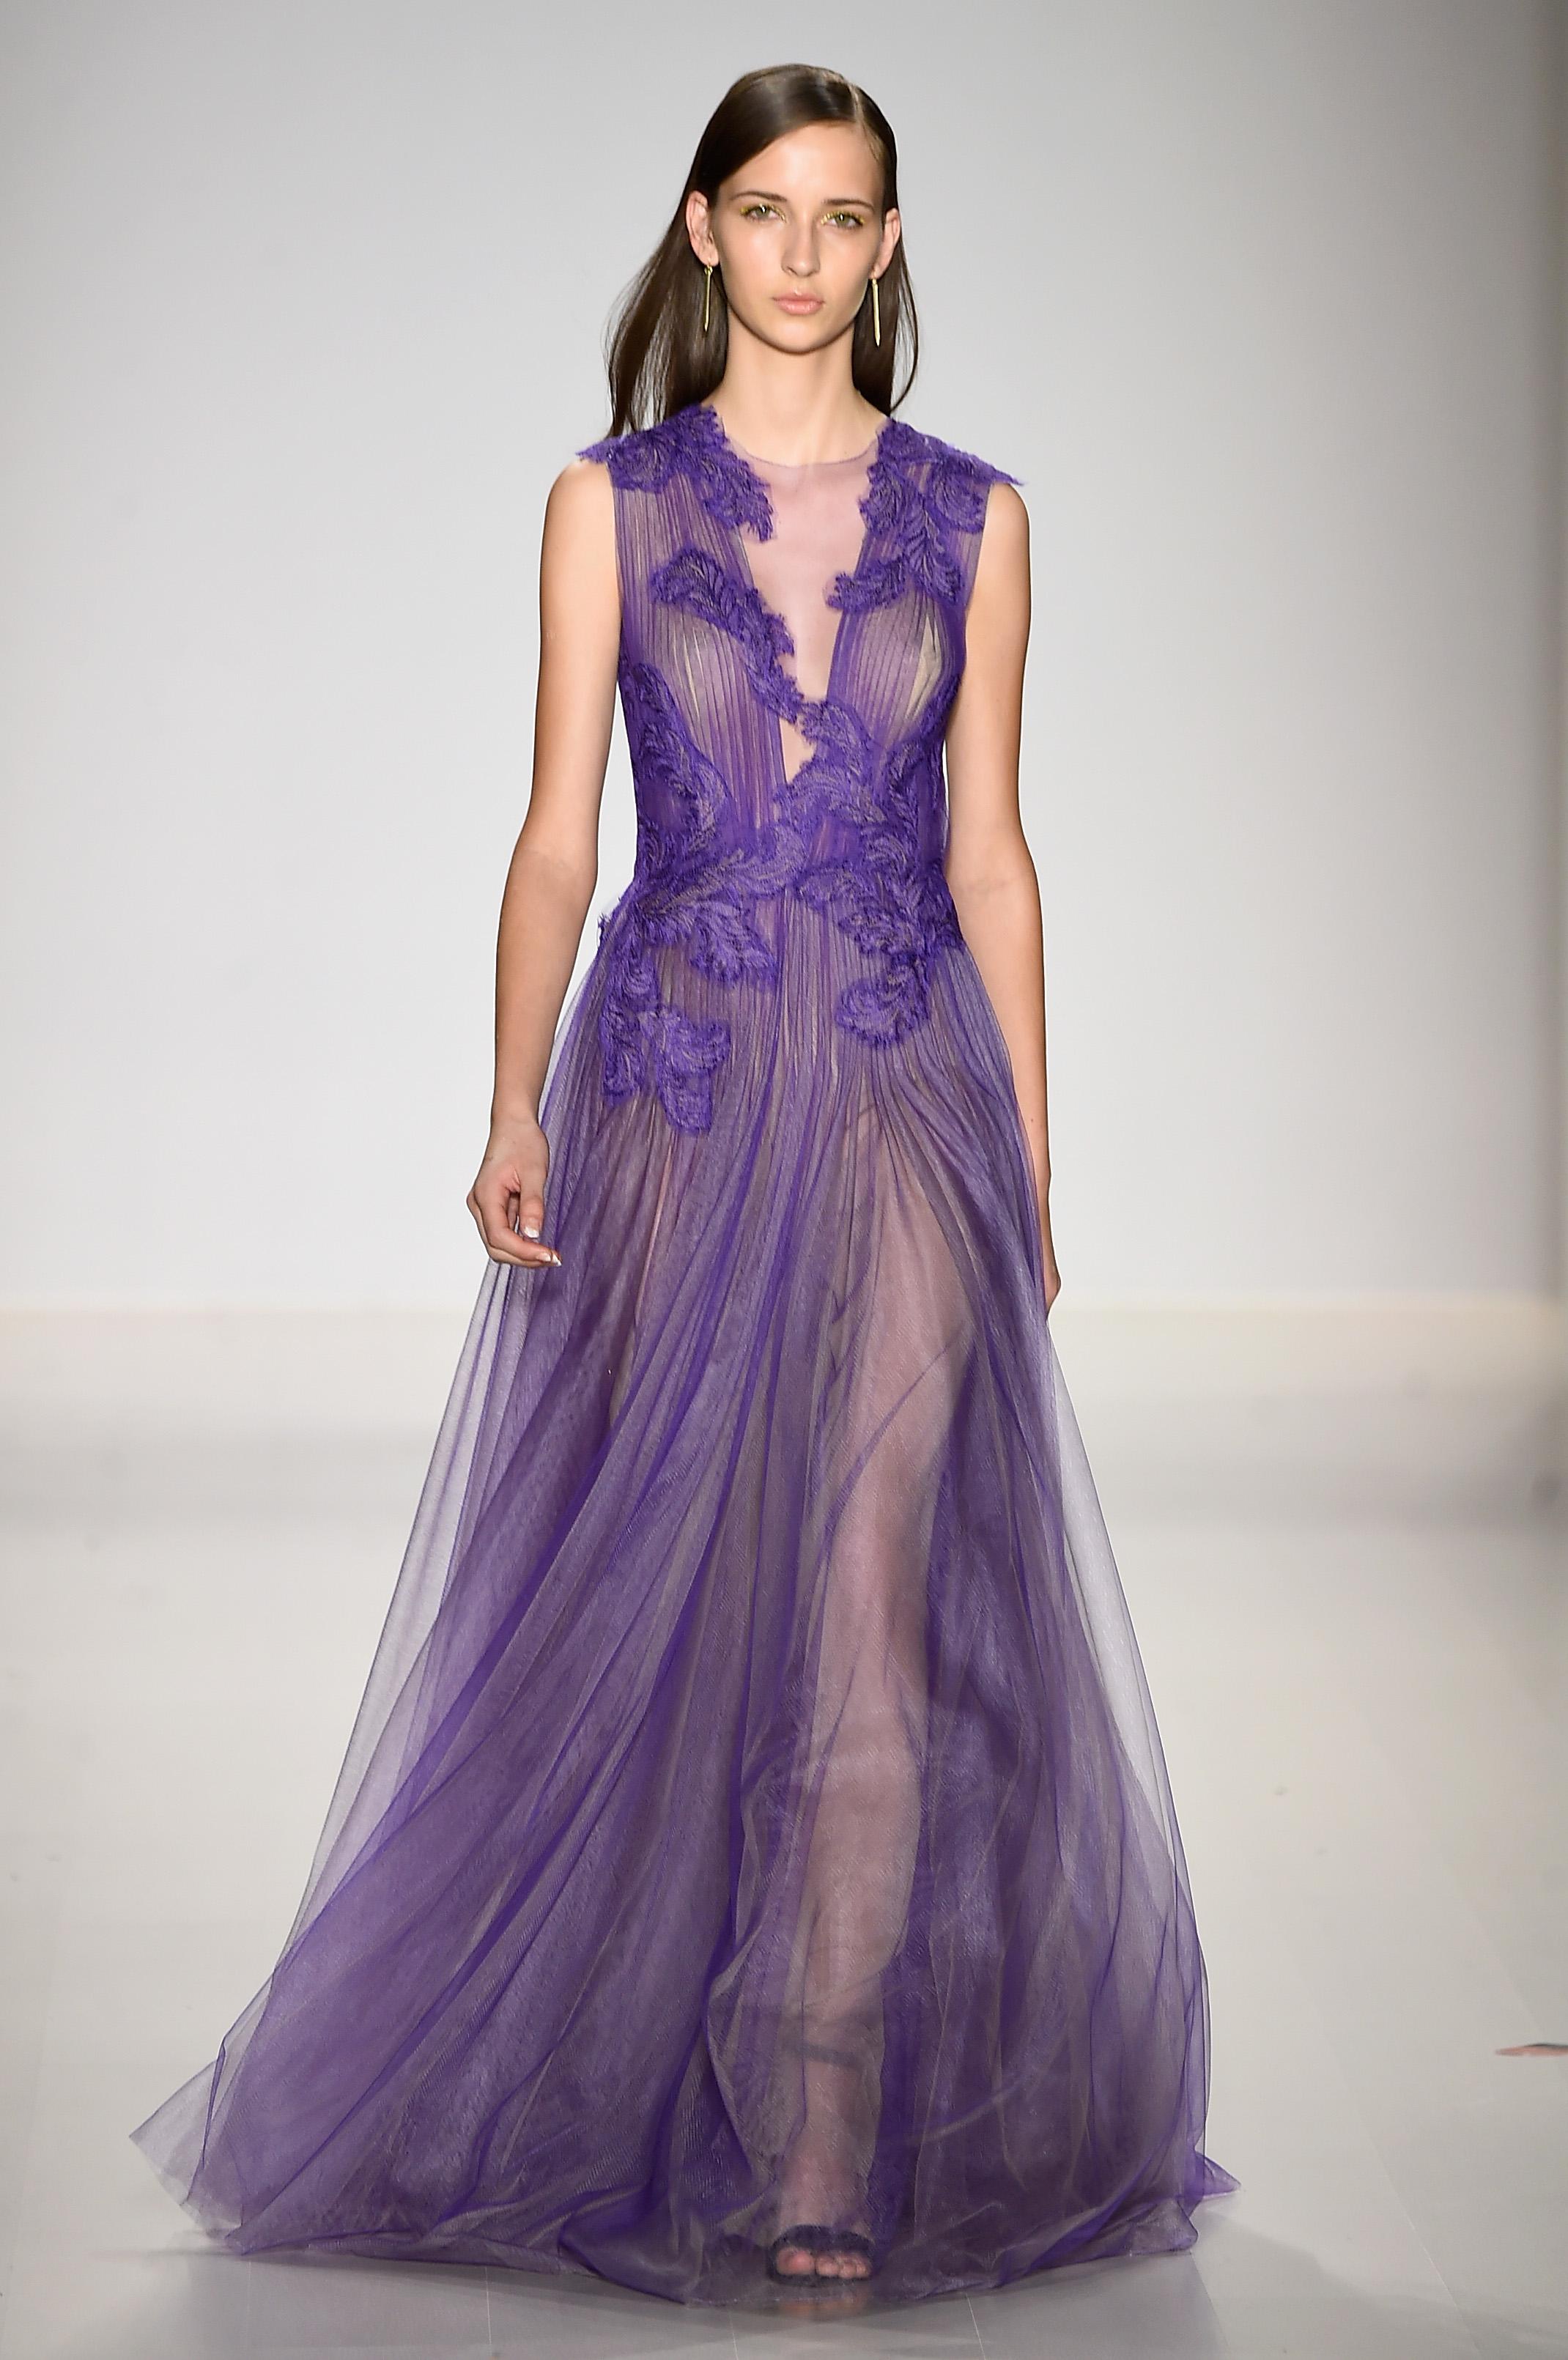 A Melania Trump siempre le ha gustado el lujo, pero su vestido ...